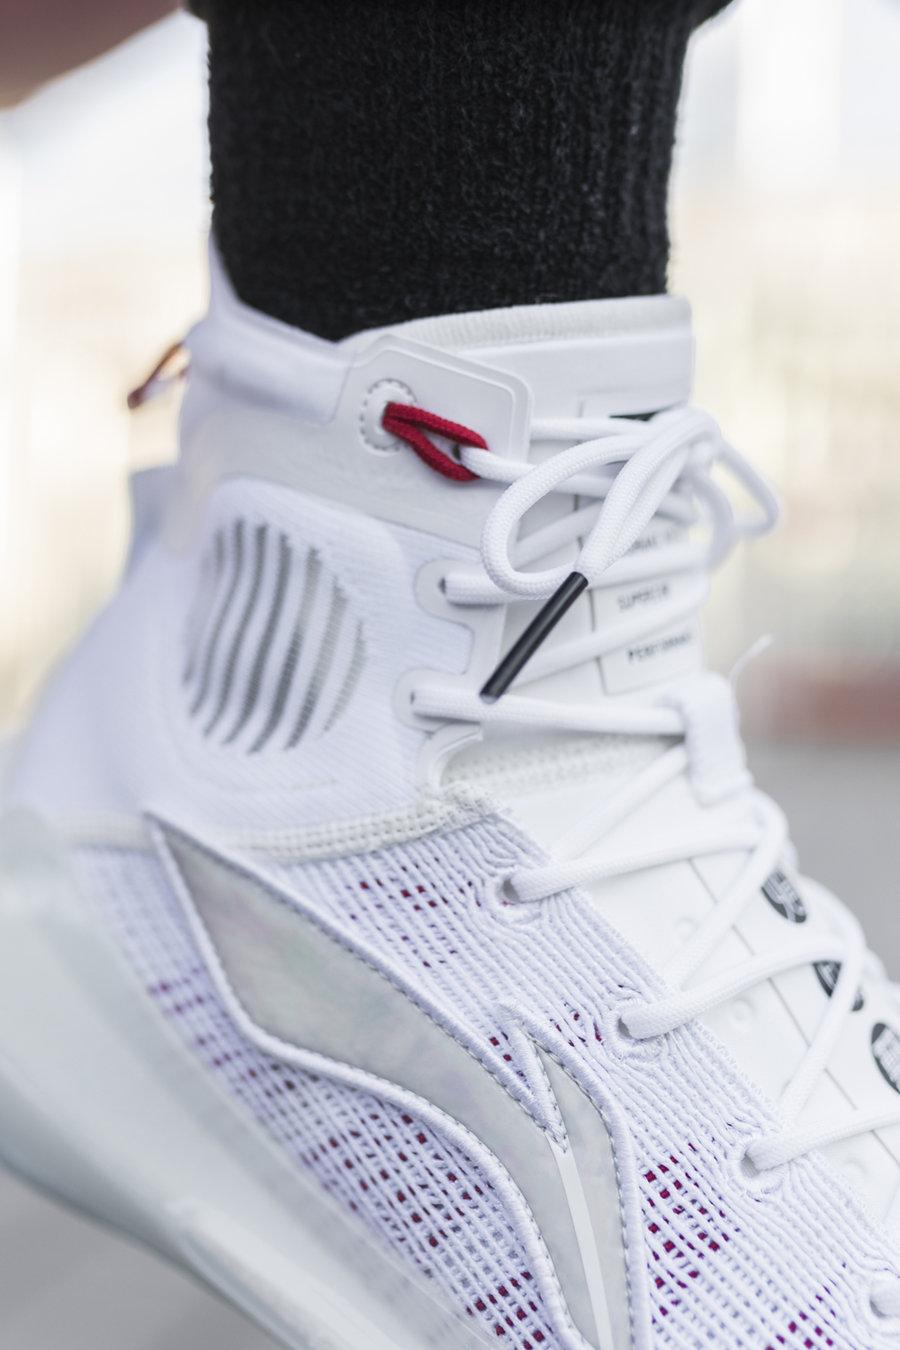 李宁,驭帅 13,发售,开箱,上脚 苦等半年的「真·顶配战靴」来了!别只看到大碳板和黑科技!